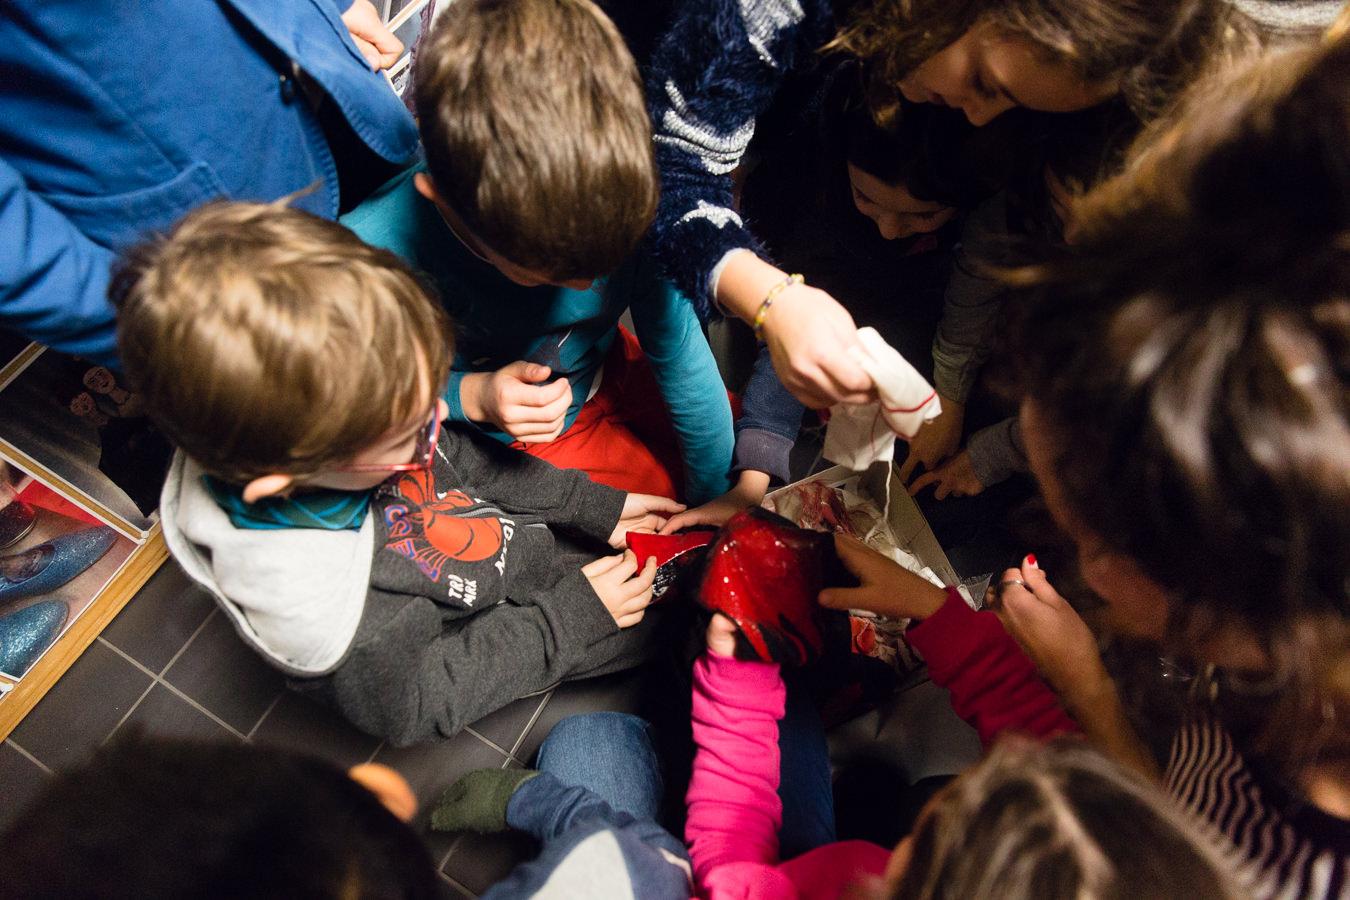 Kinderen bekijken een voorwerp